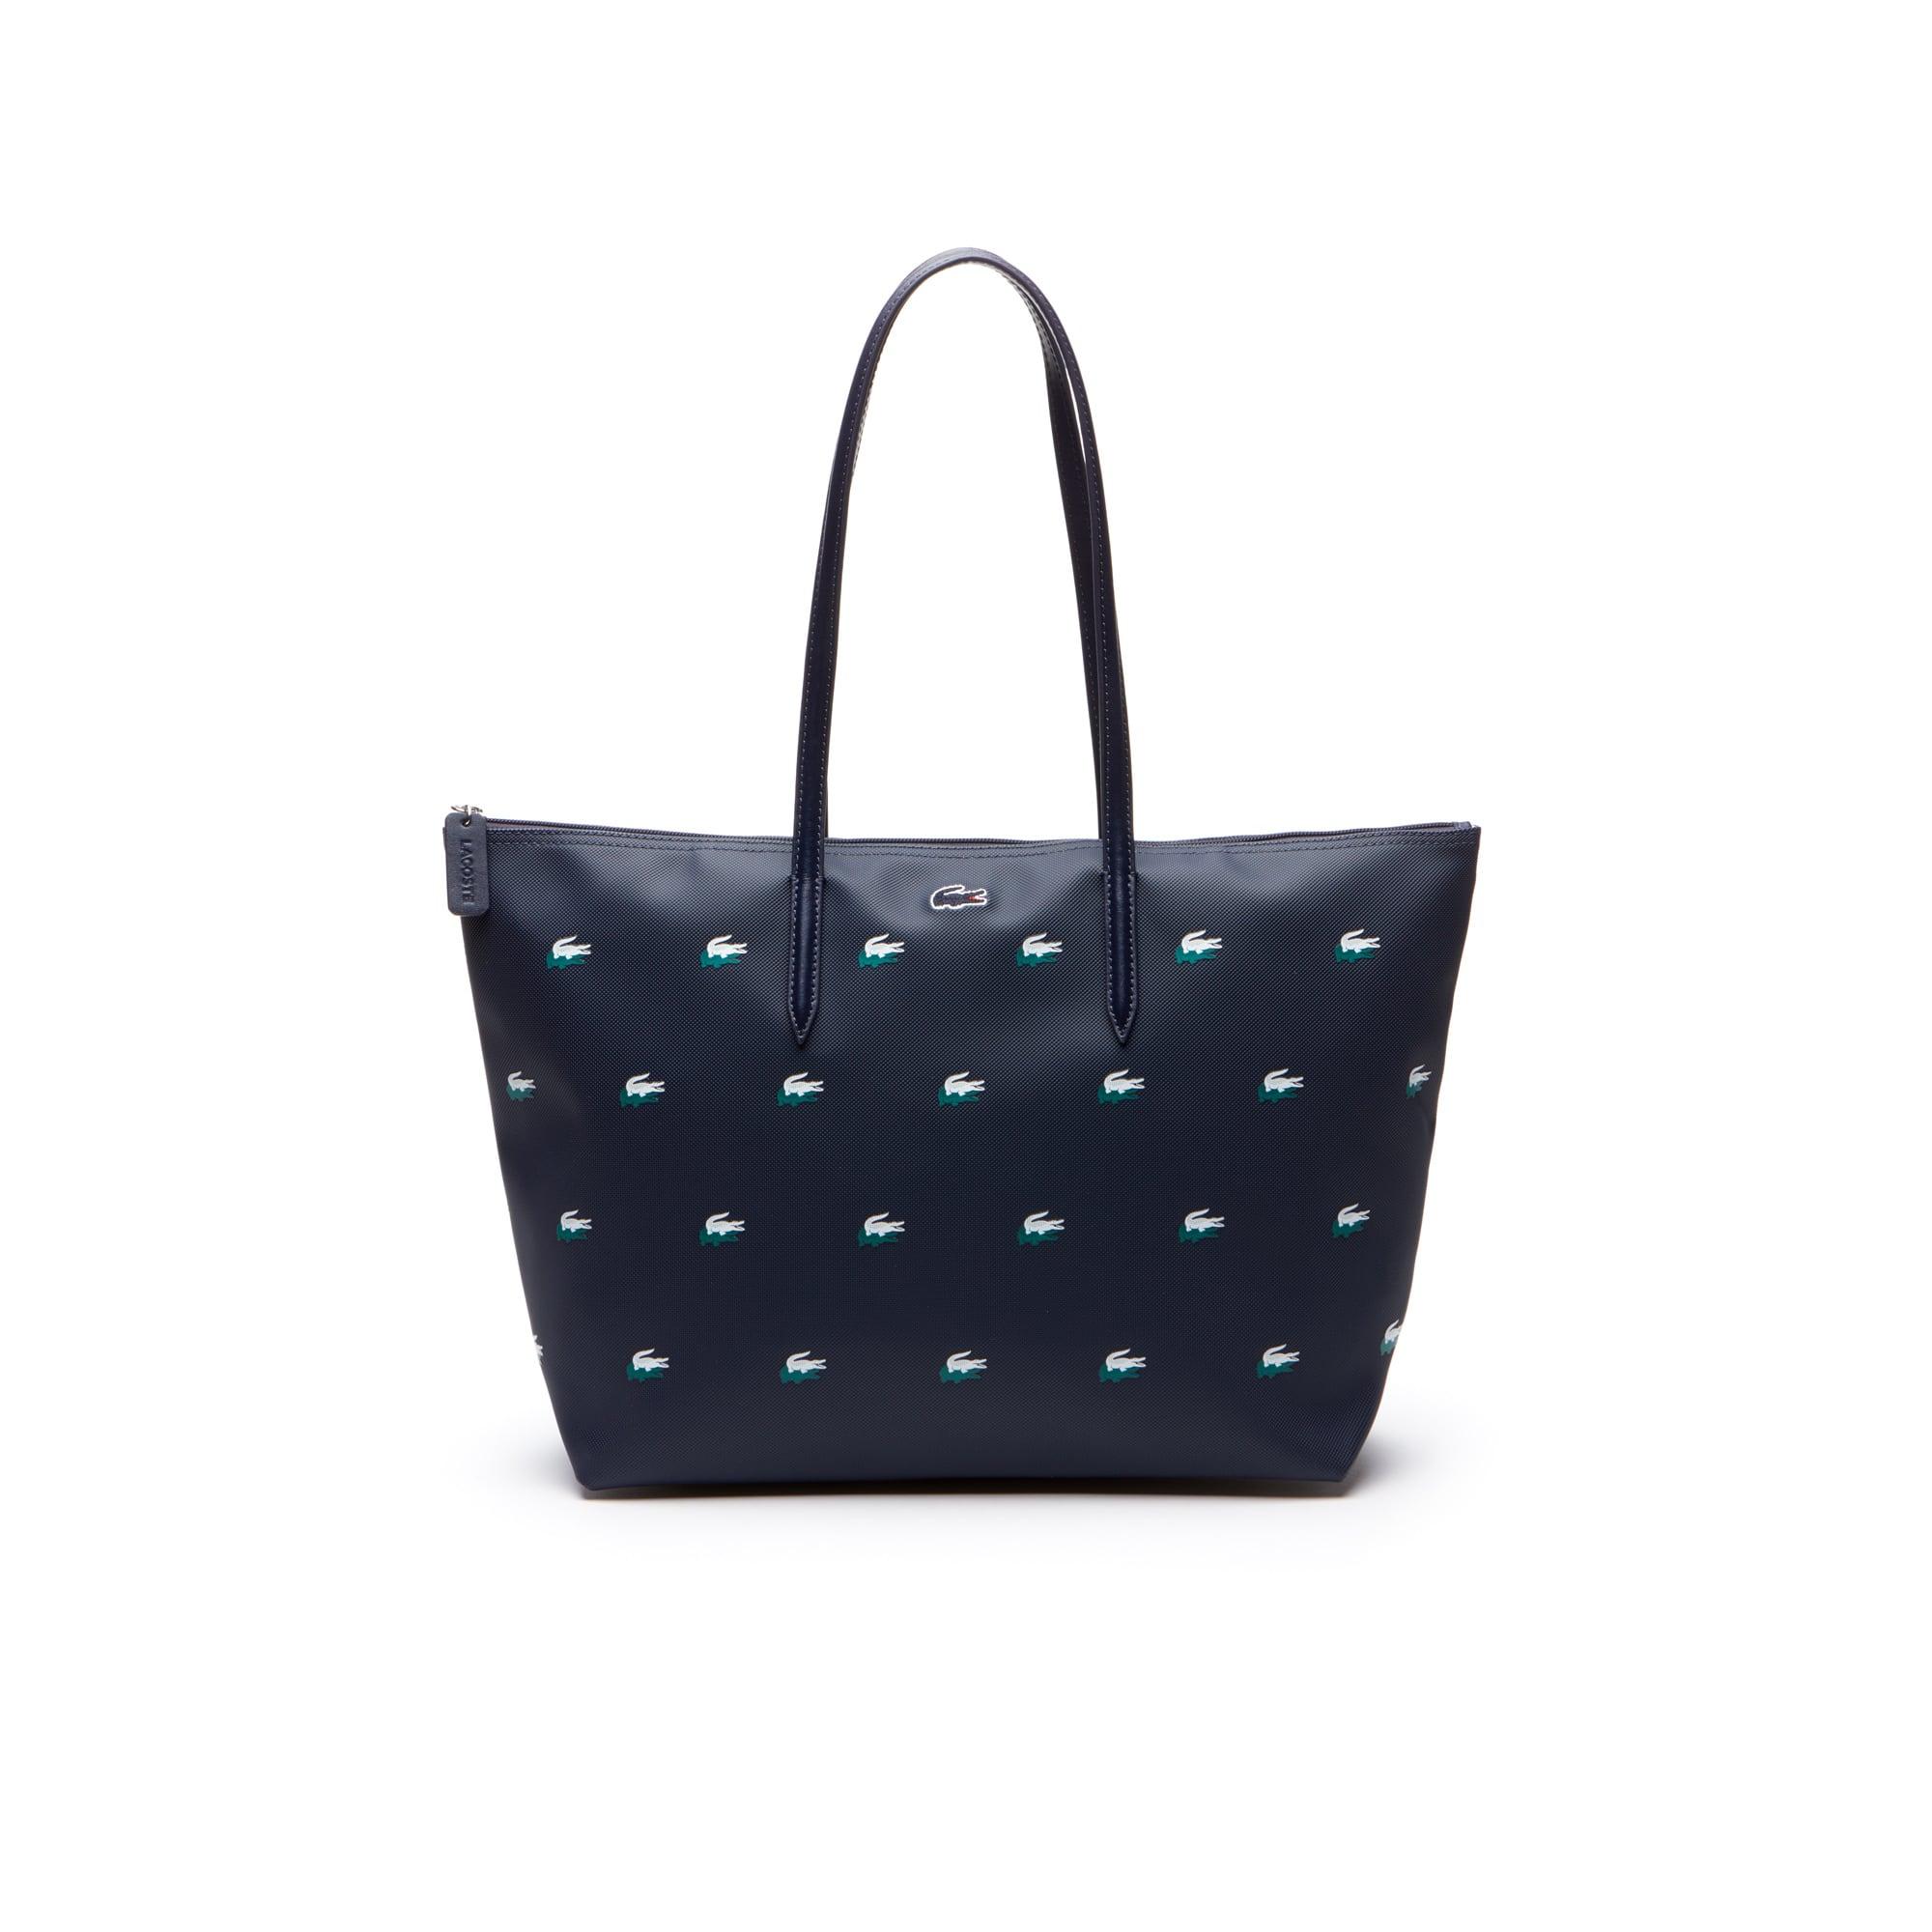 Shopping bag con cerniera ampia in petit piqué con motivo a coccodrilli L.12.12 Concept da donna